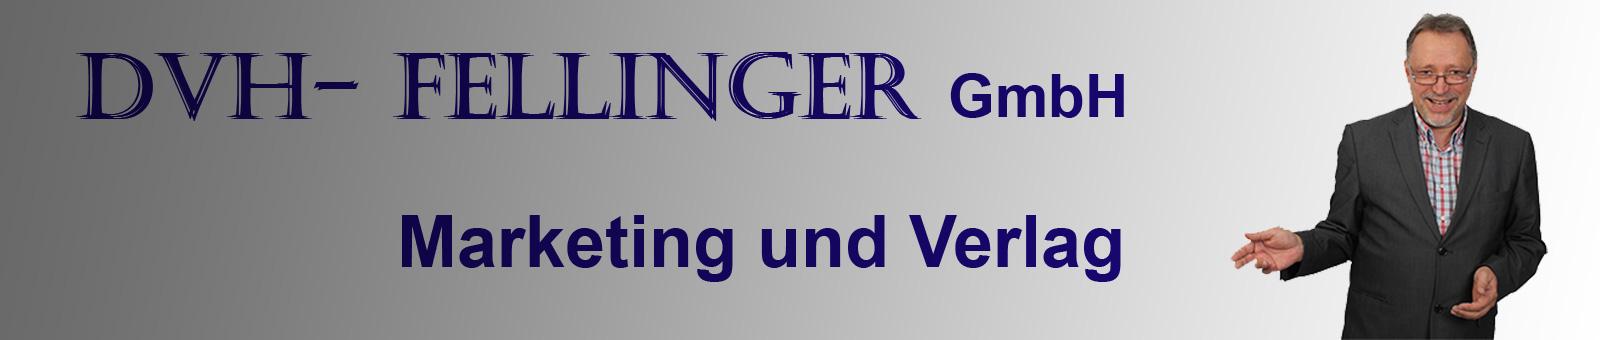 DVH-Fellinger GmbH